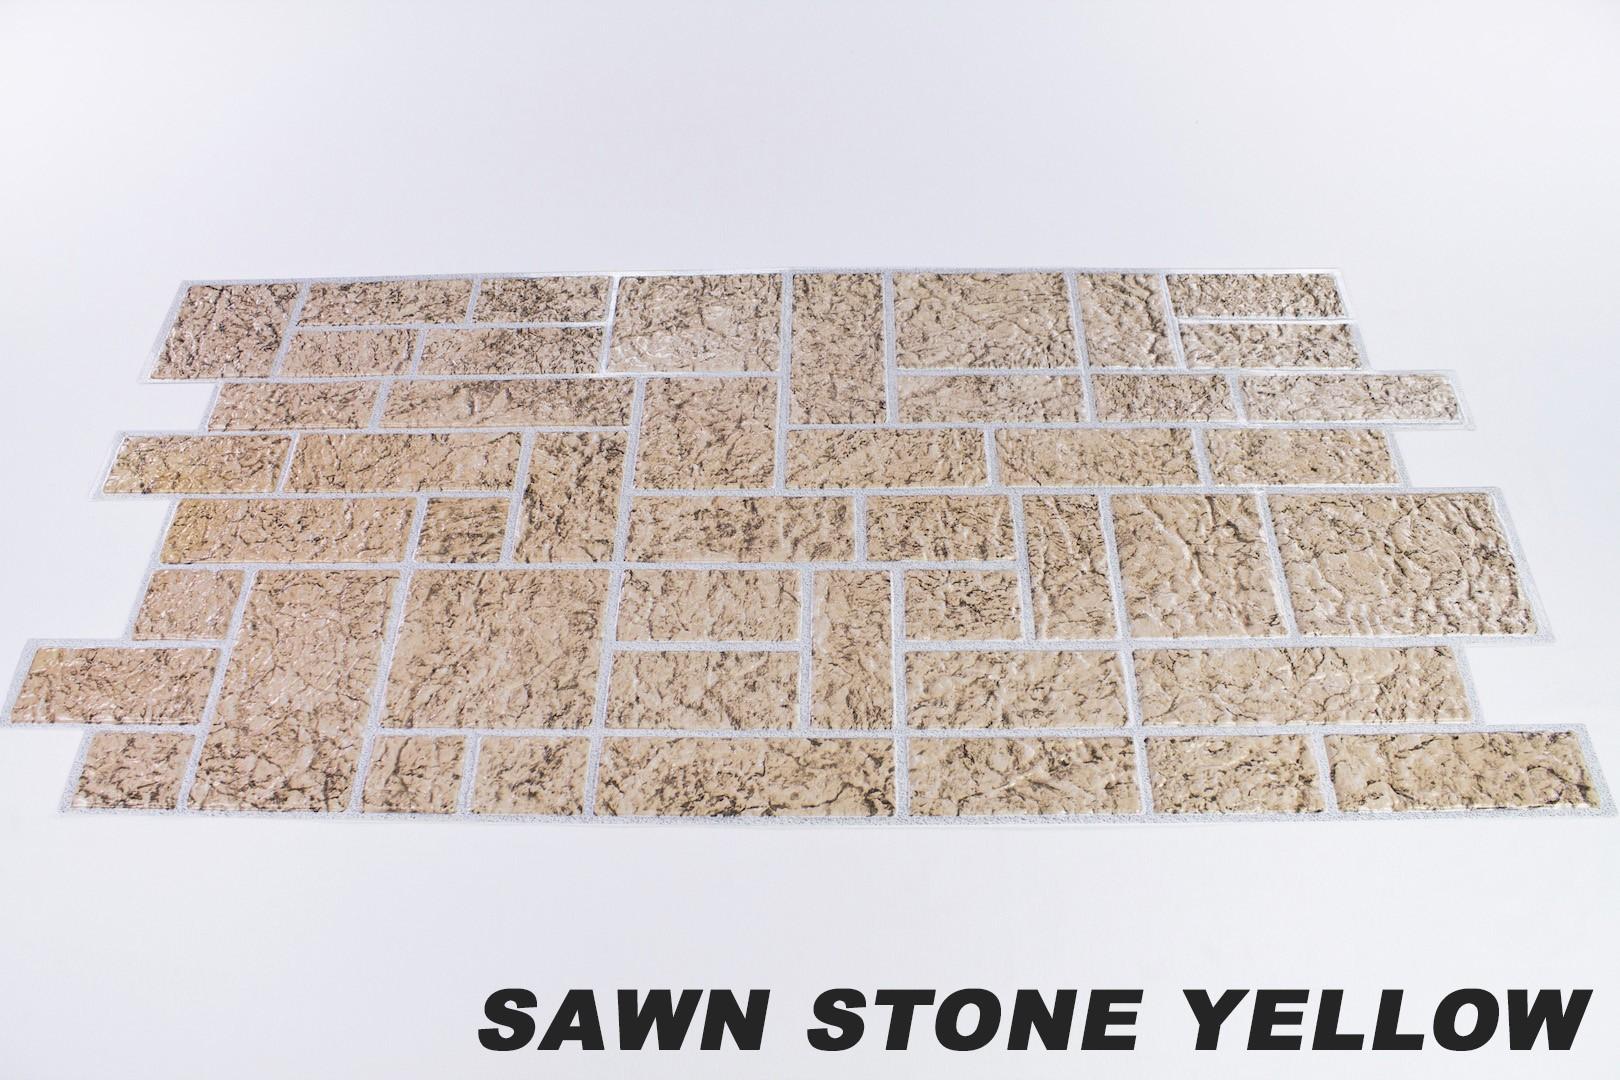 Sawn stone yellow orignalbild